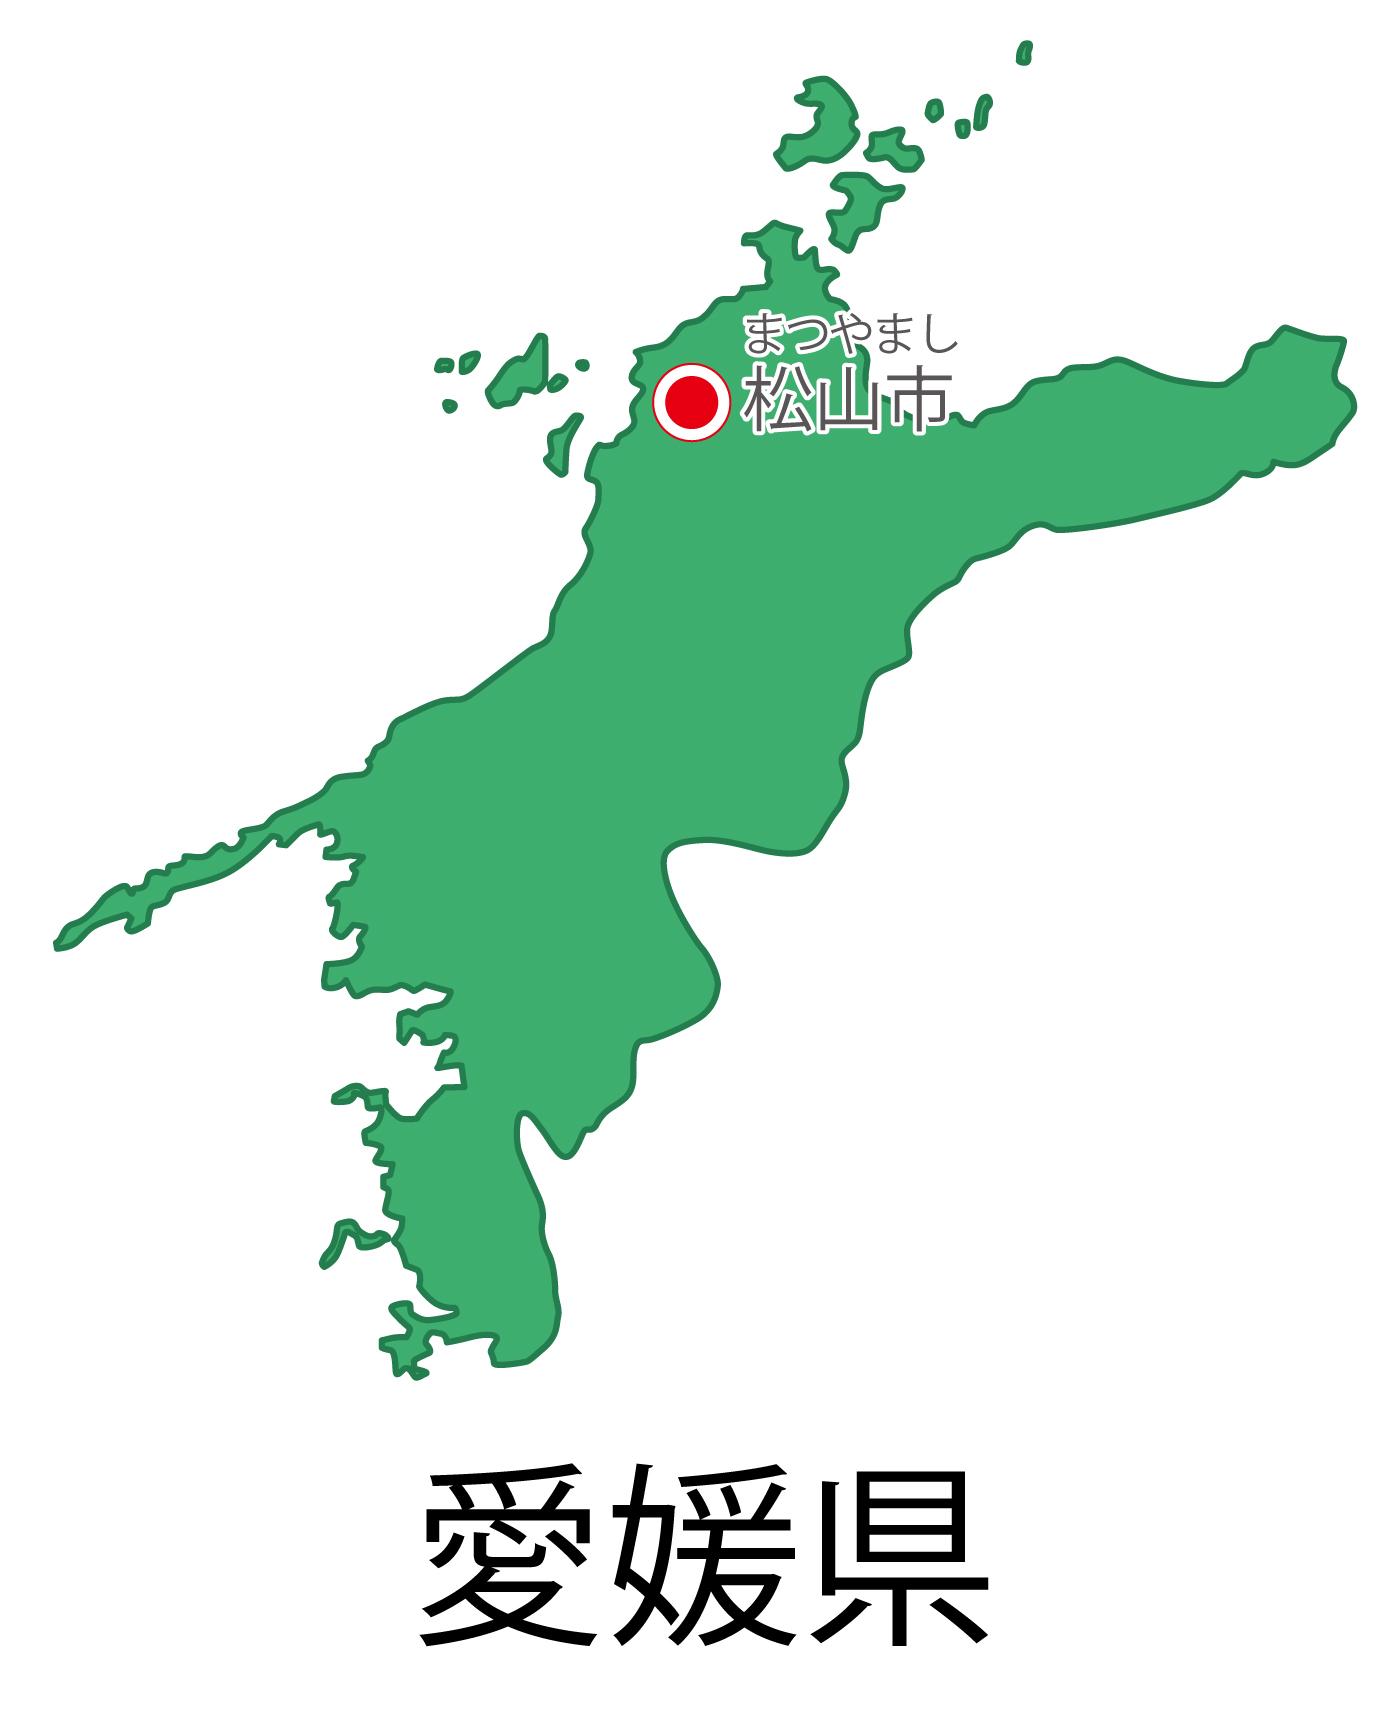 愛媛県無料フリーイラスト|日本語・都道府県名あり・県庁所在地あり・ルビあり(緑)